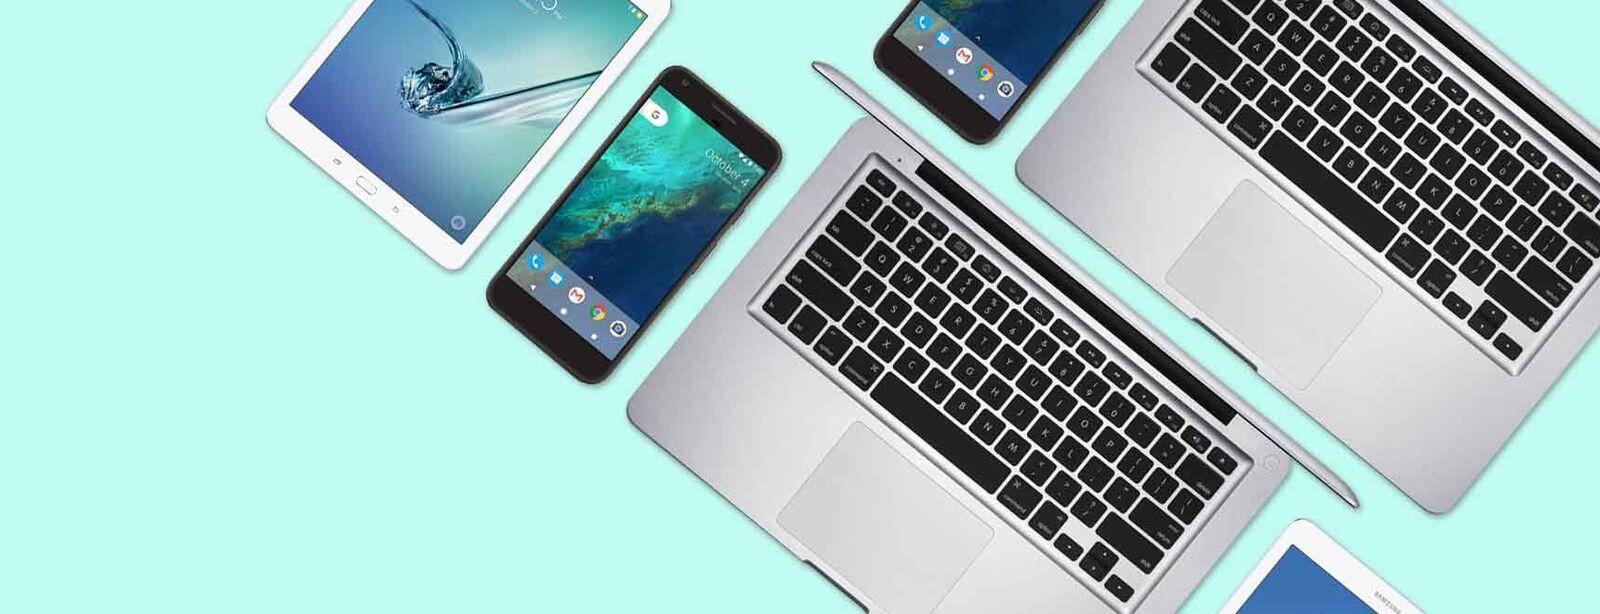 Économisez sur certains produits électroniques.